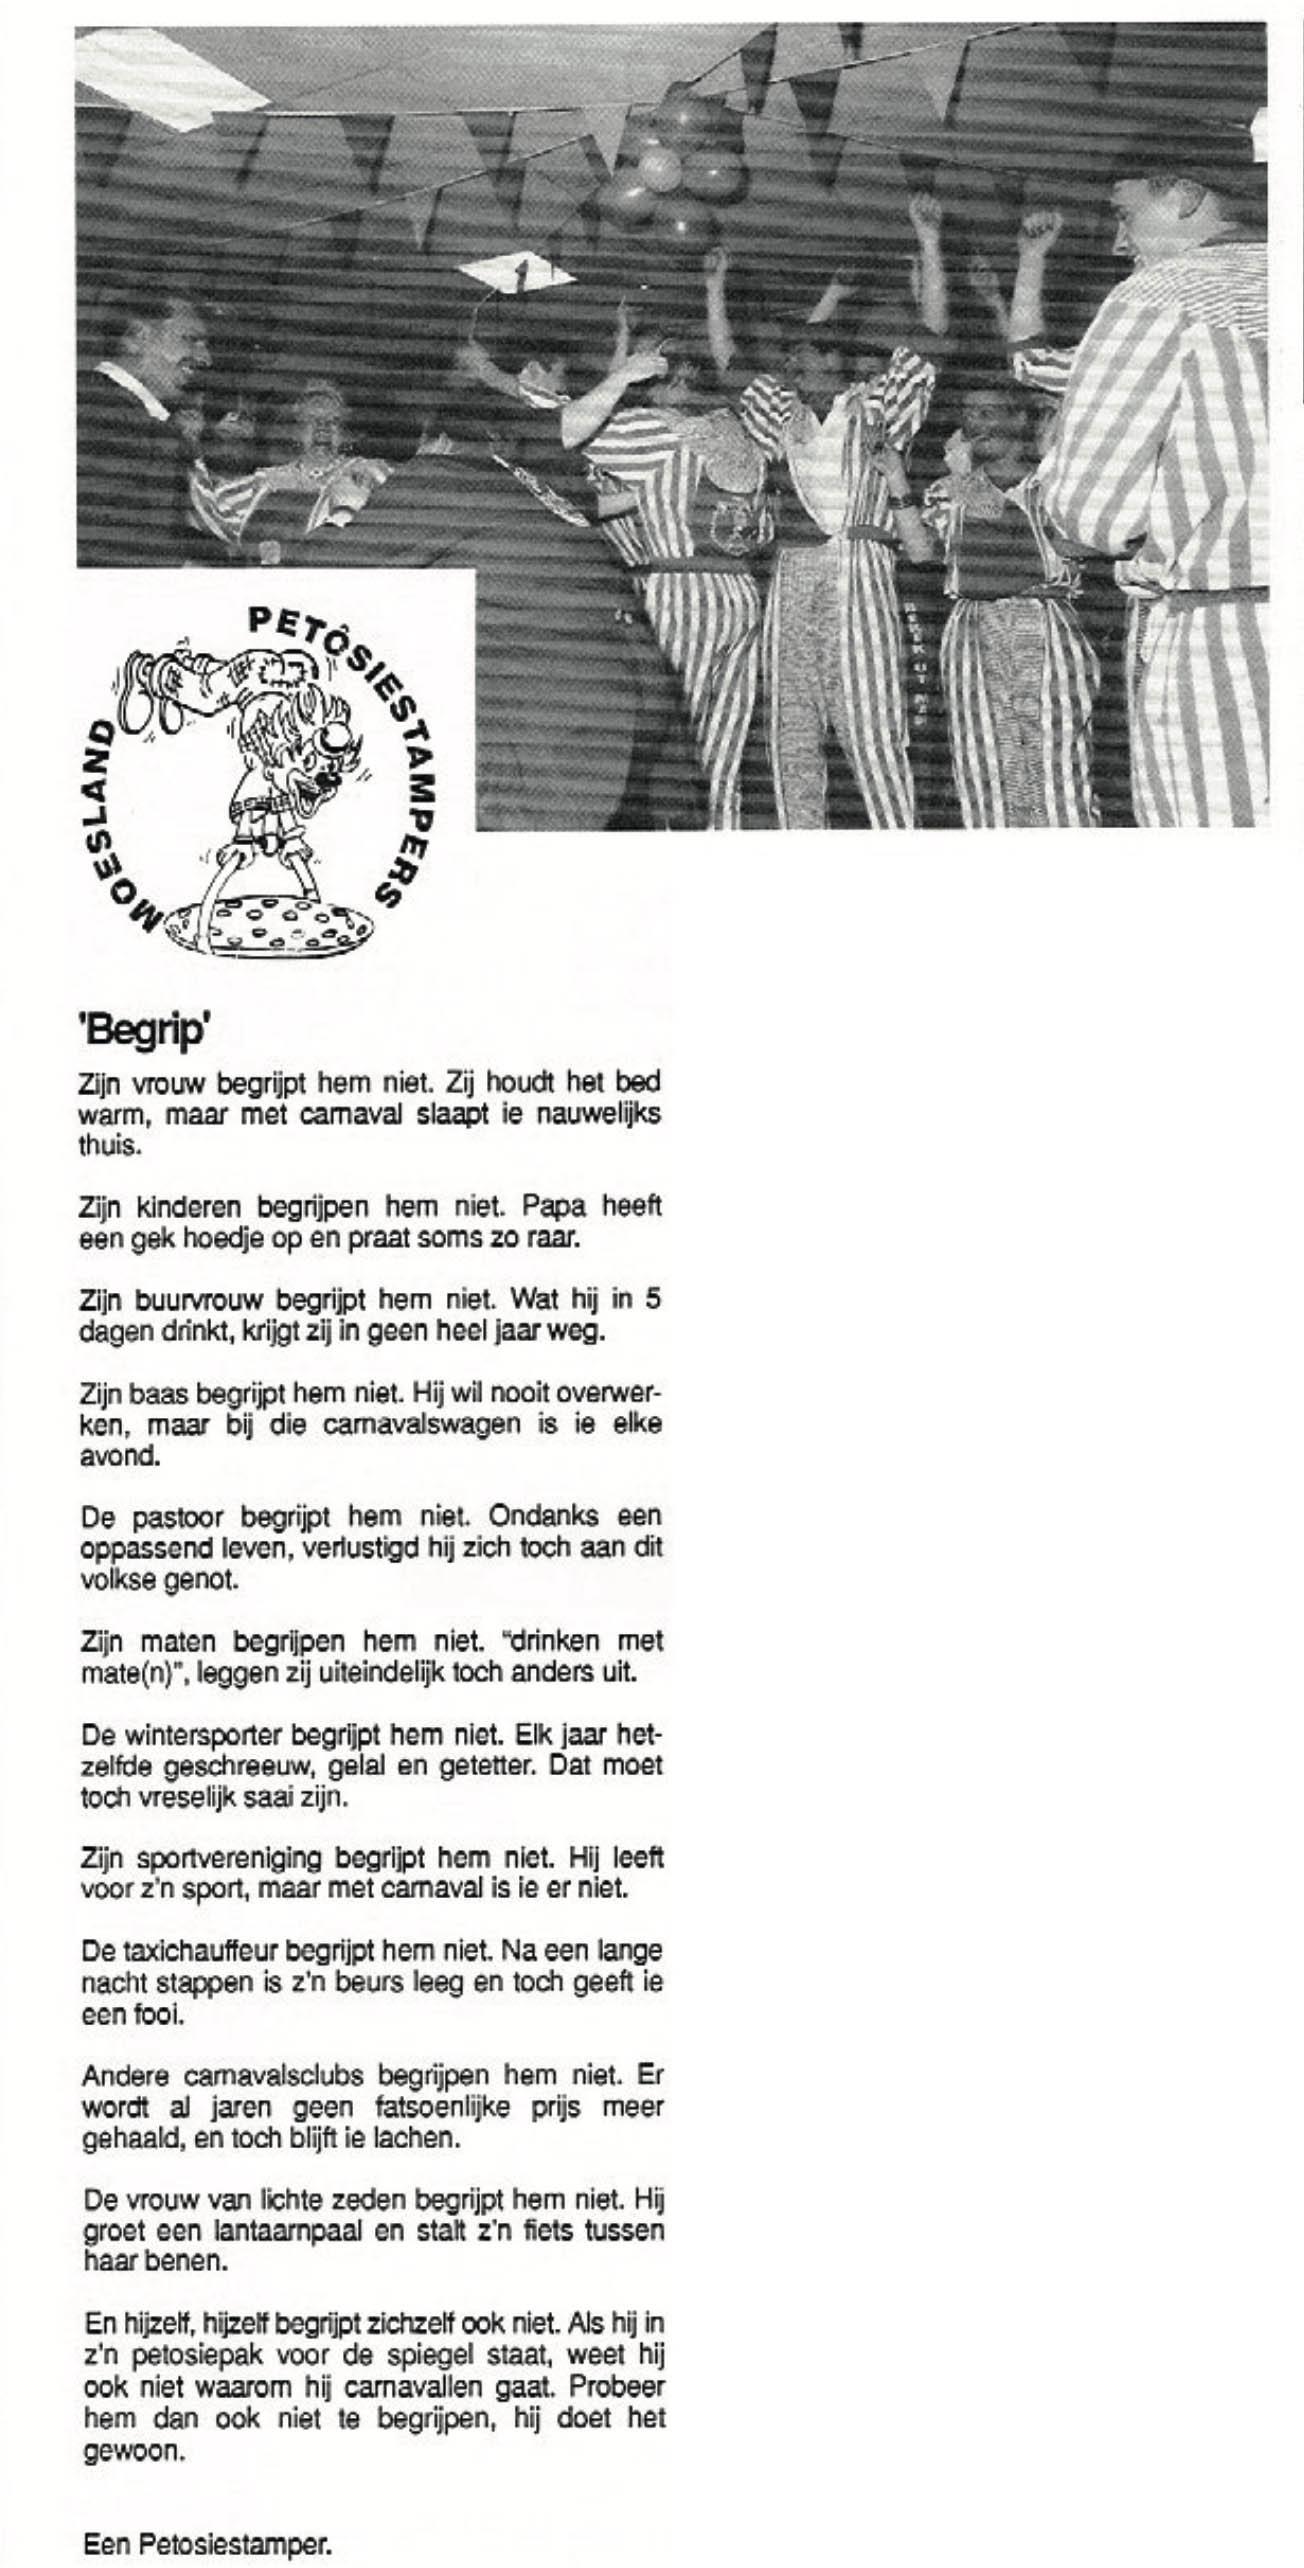 Stukje uit de carnavalskrant van de Petôsiestampers - 1997